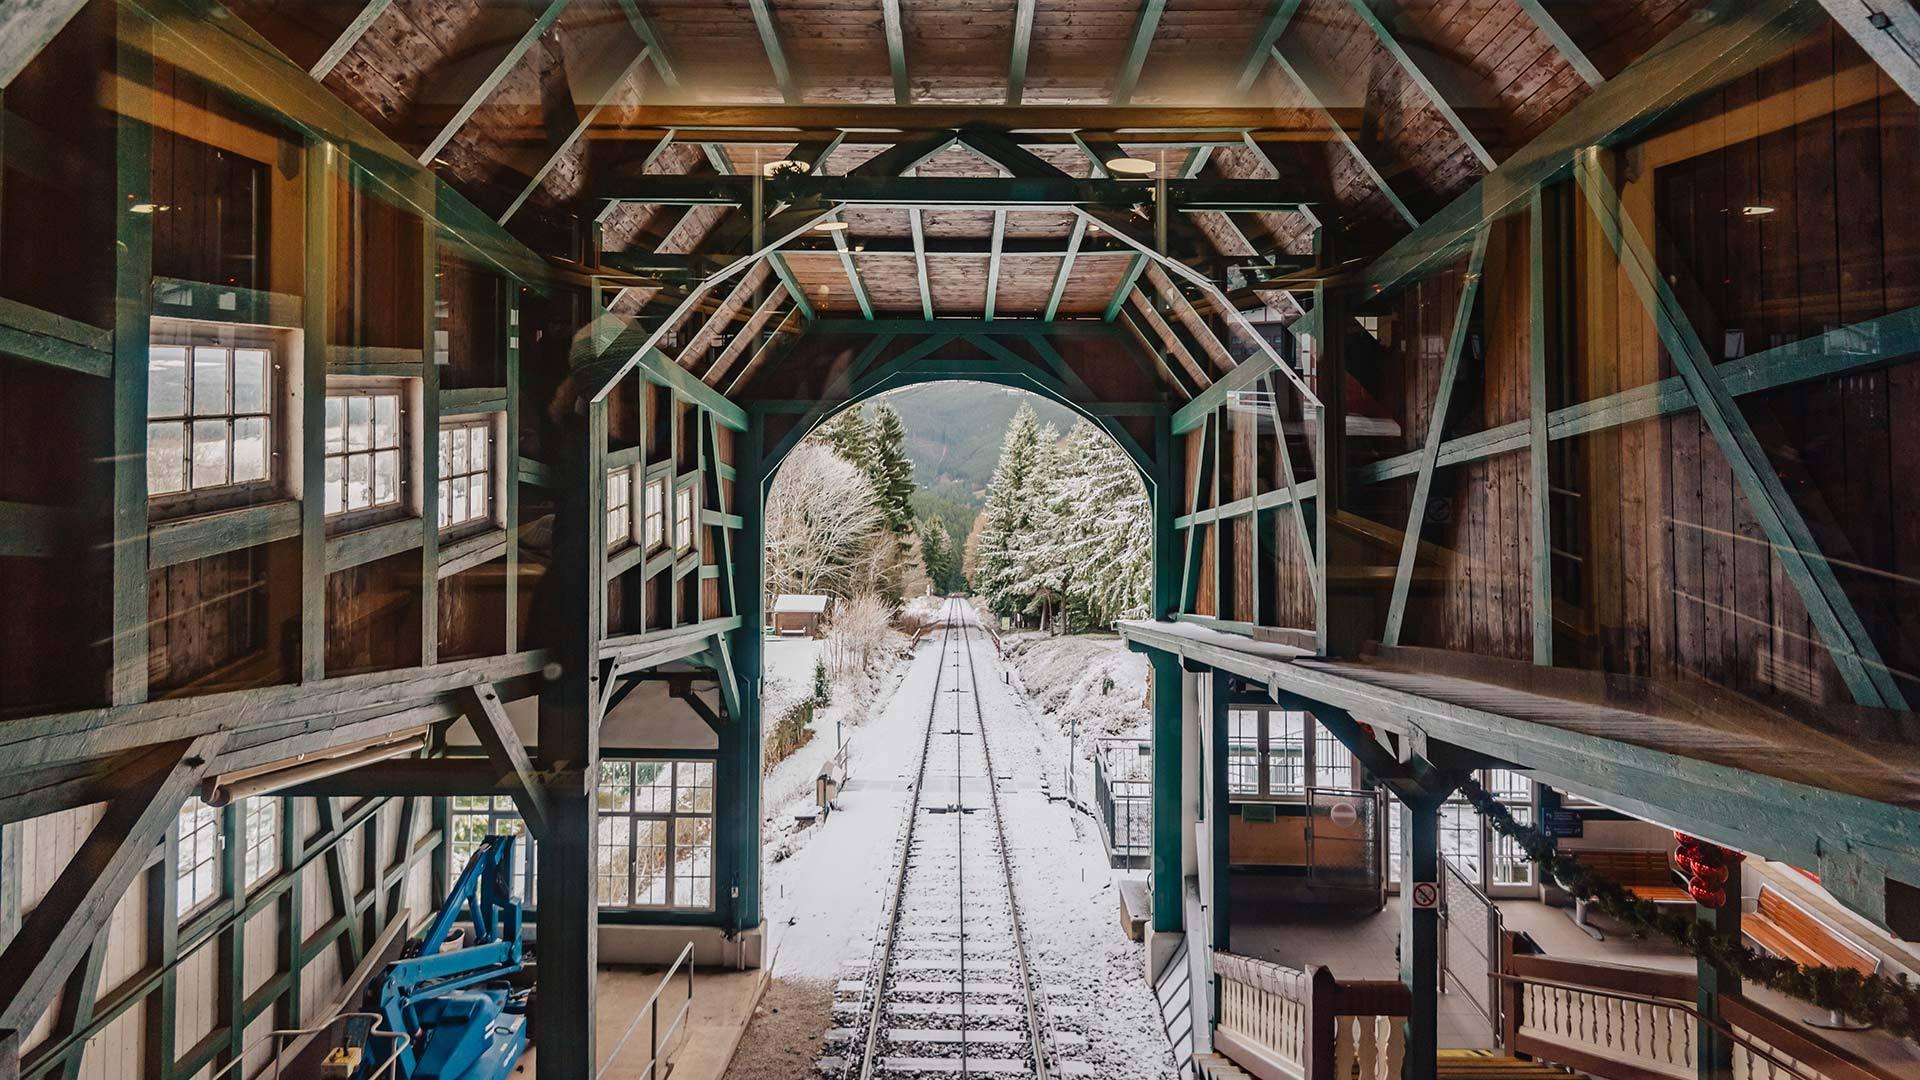 从上魏斯巴赫山地列车的车站向外看魏斯巴赫山地列车